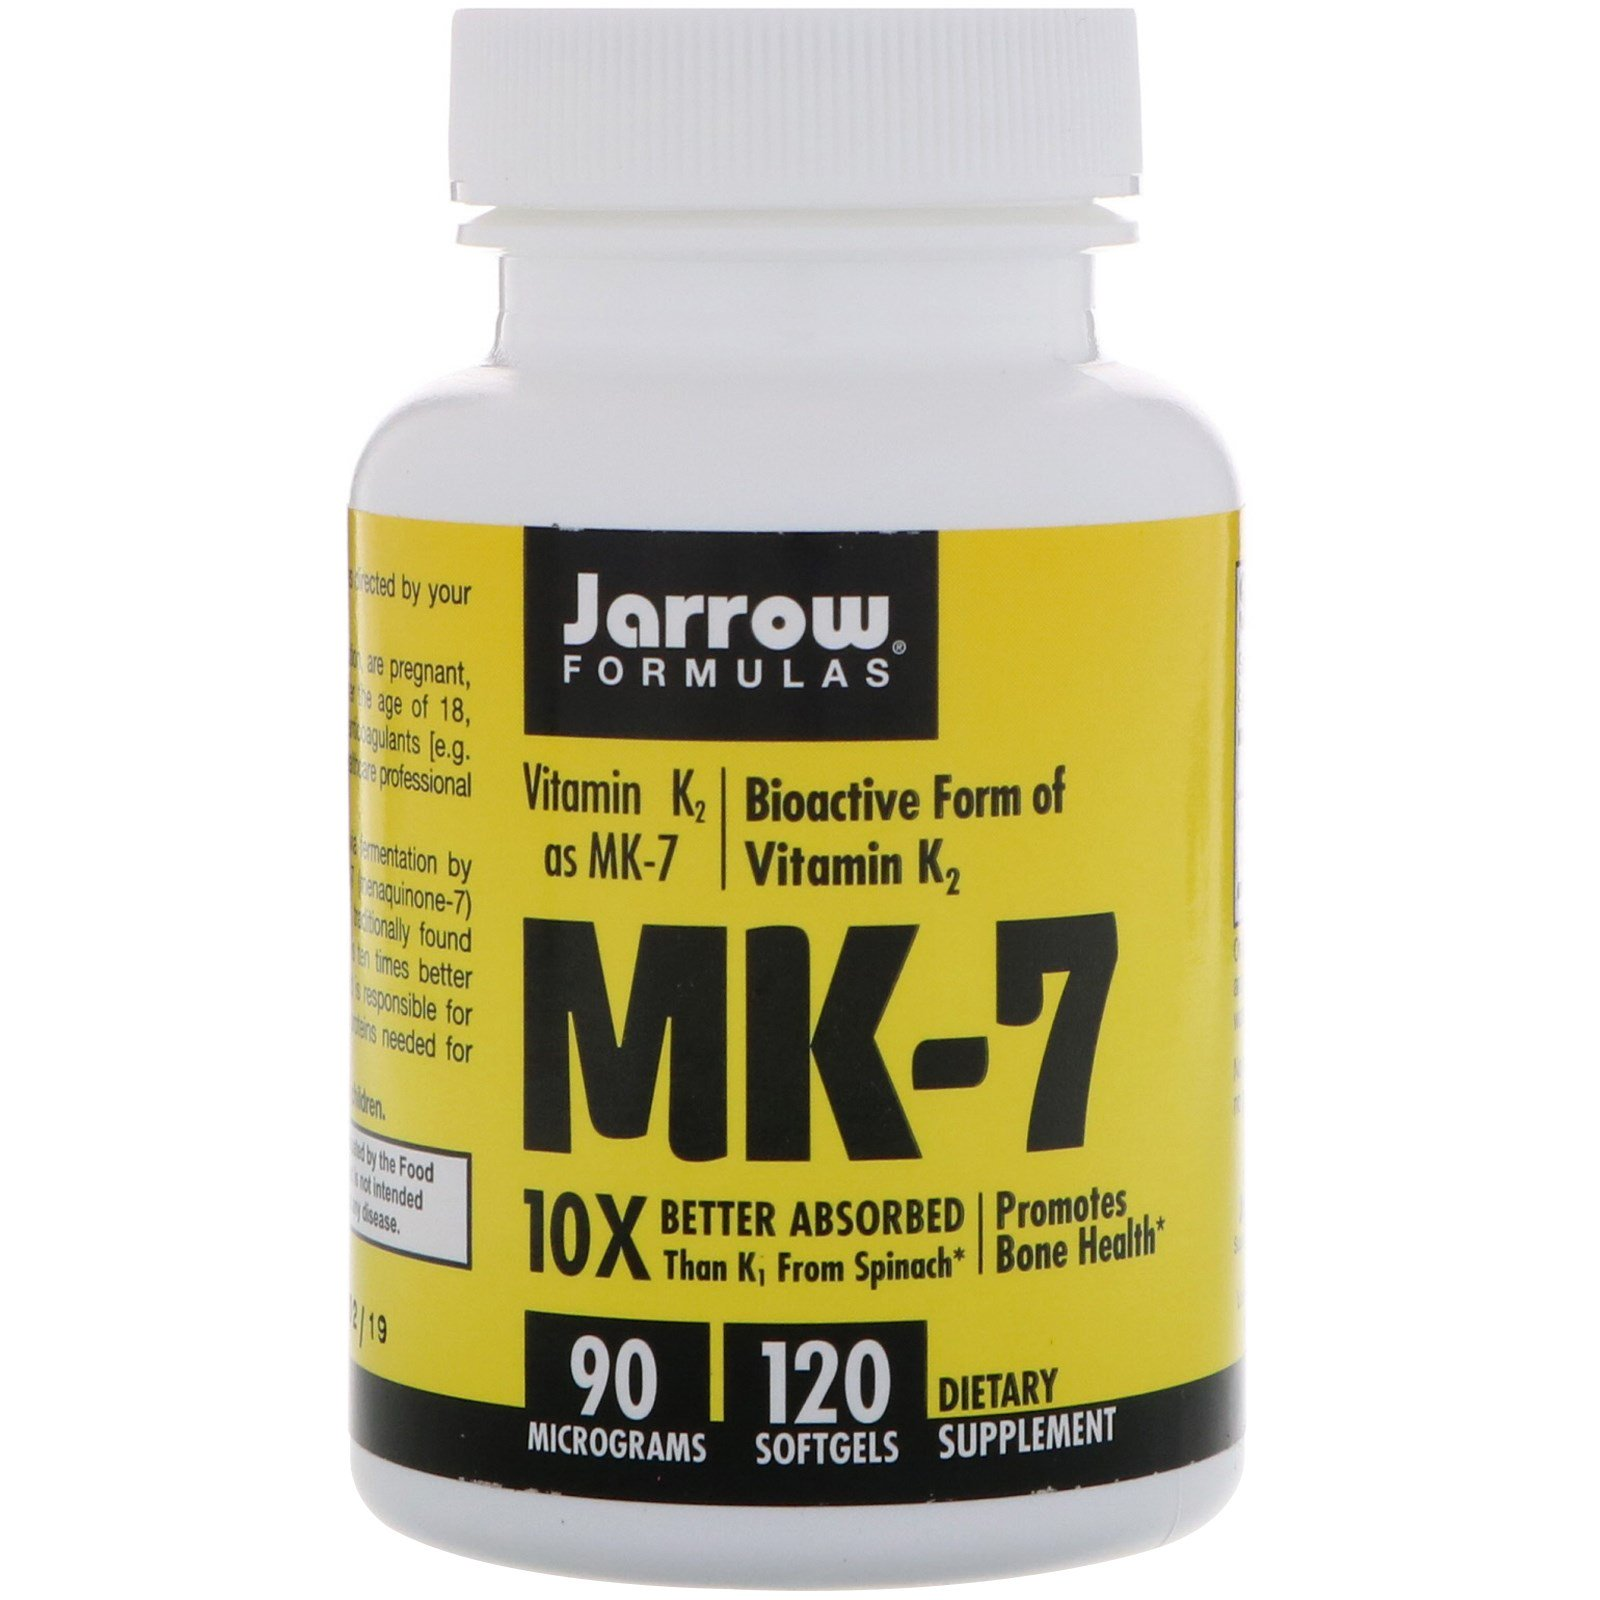 Jarrow Formulas, MK-7, 90 mcg, 120 Softgels